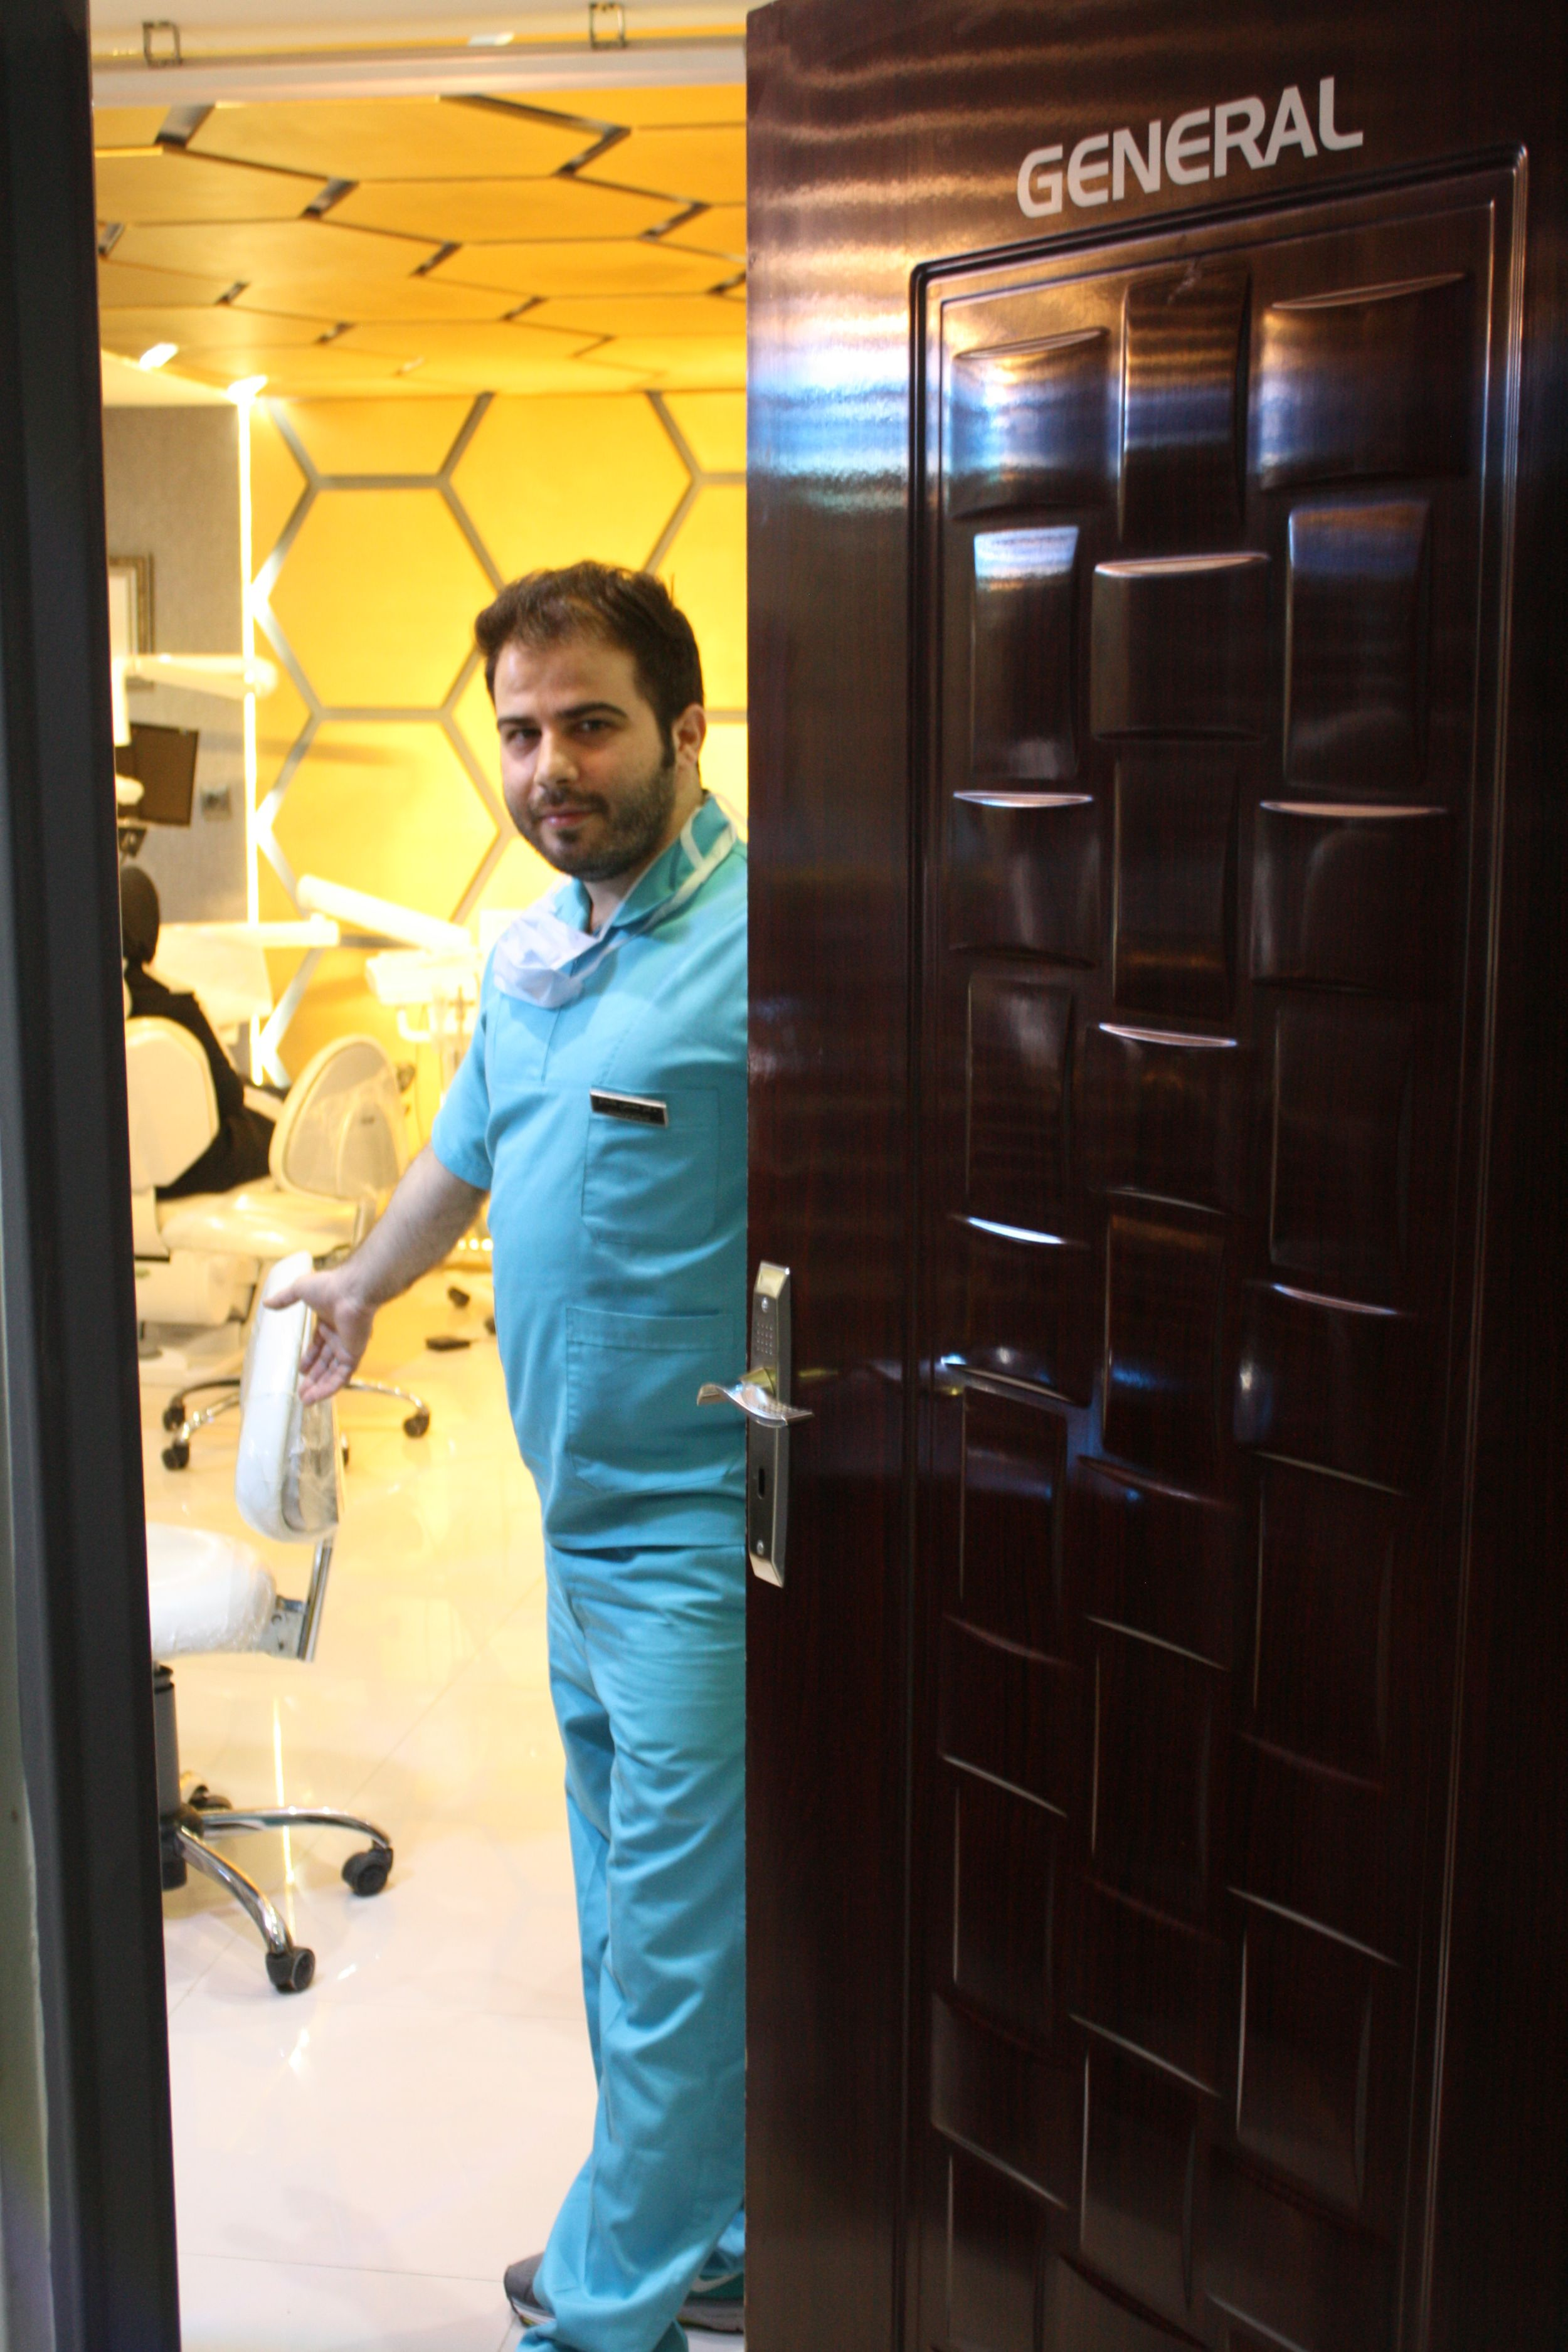 دکتر عابدلو:قصد داشتم در انتخابات مجلس کاندید شوم اما منصرف شدم